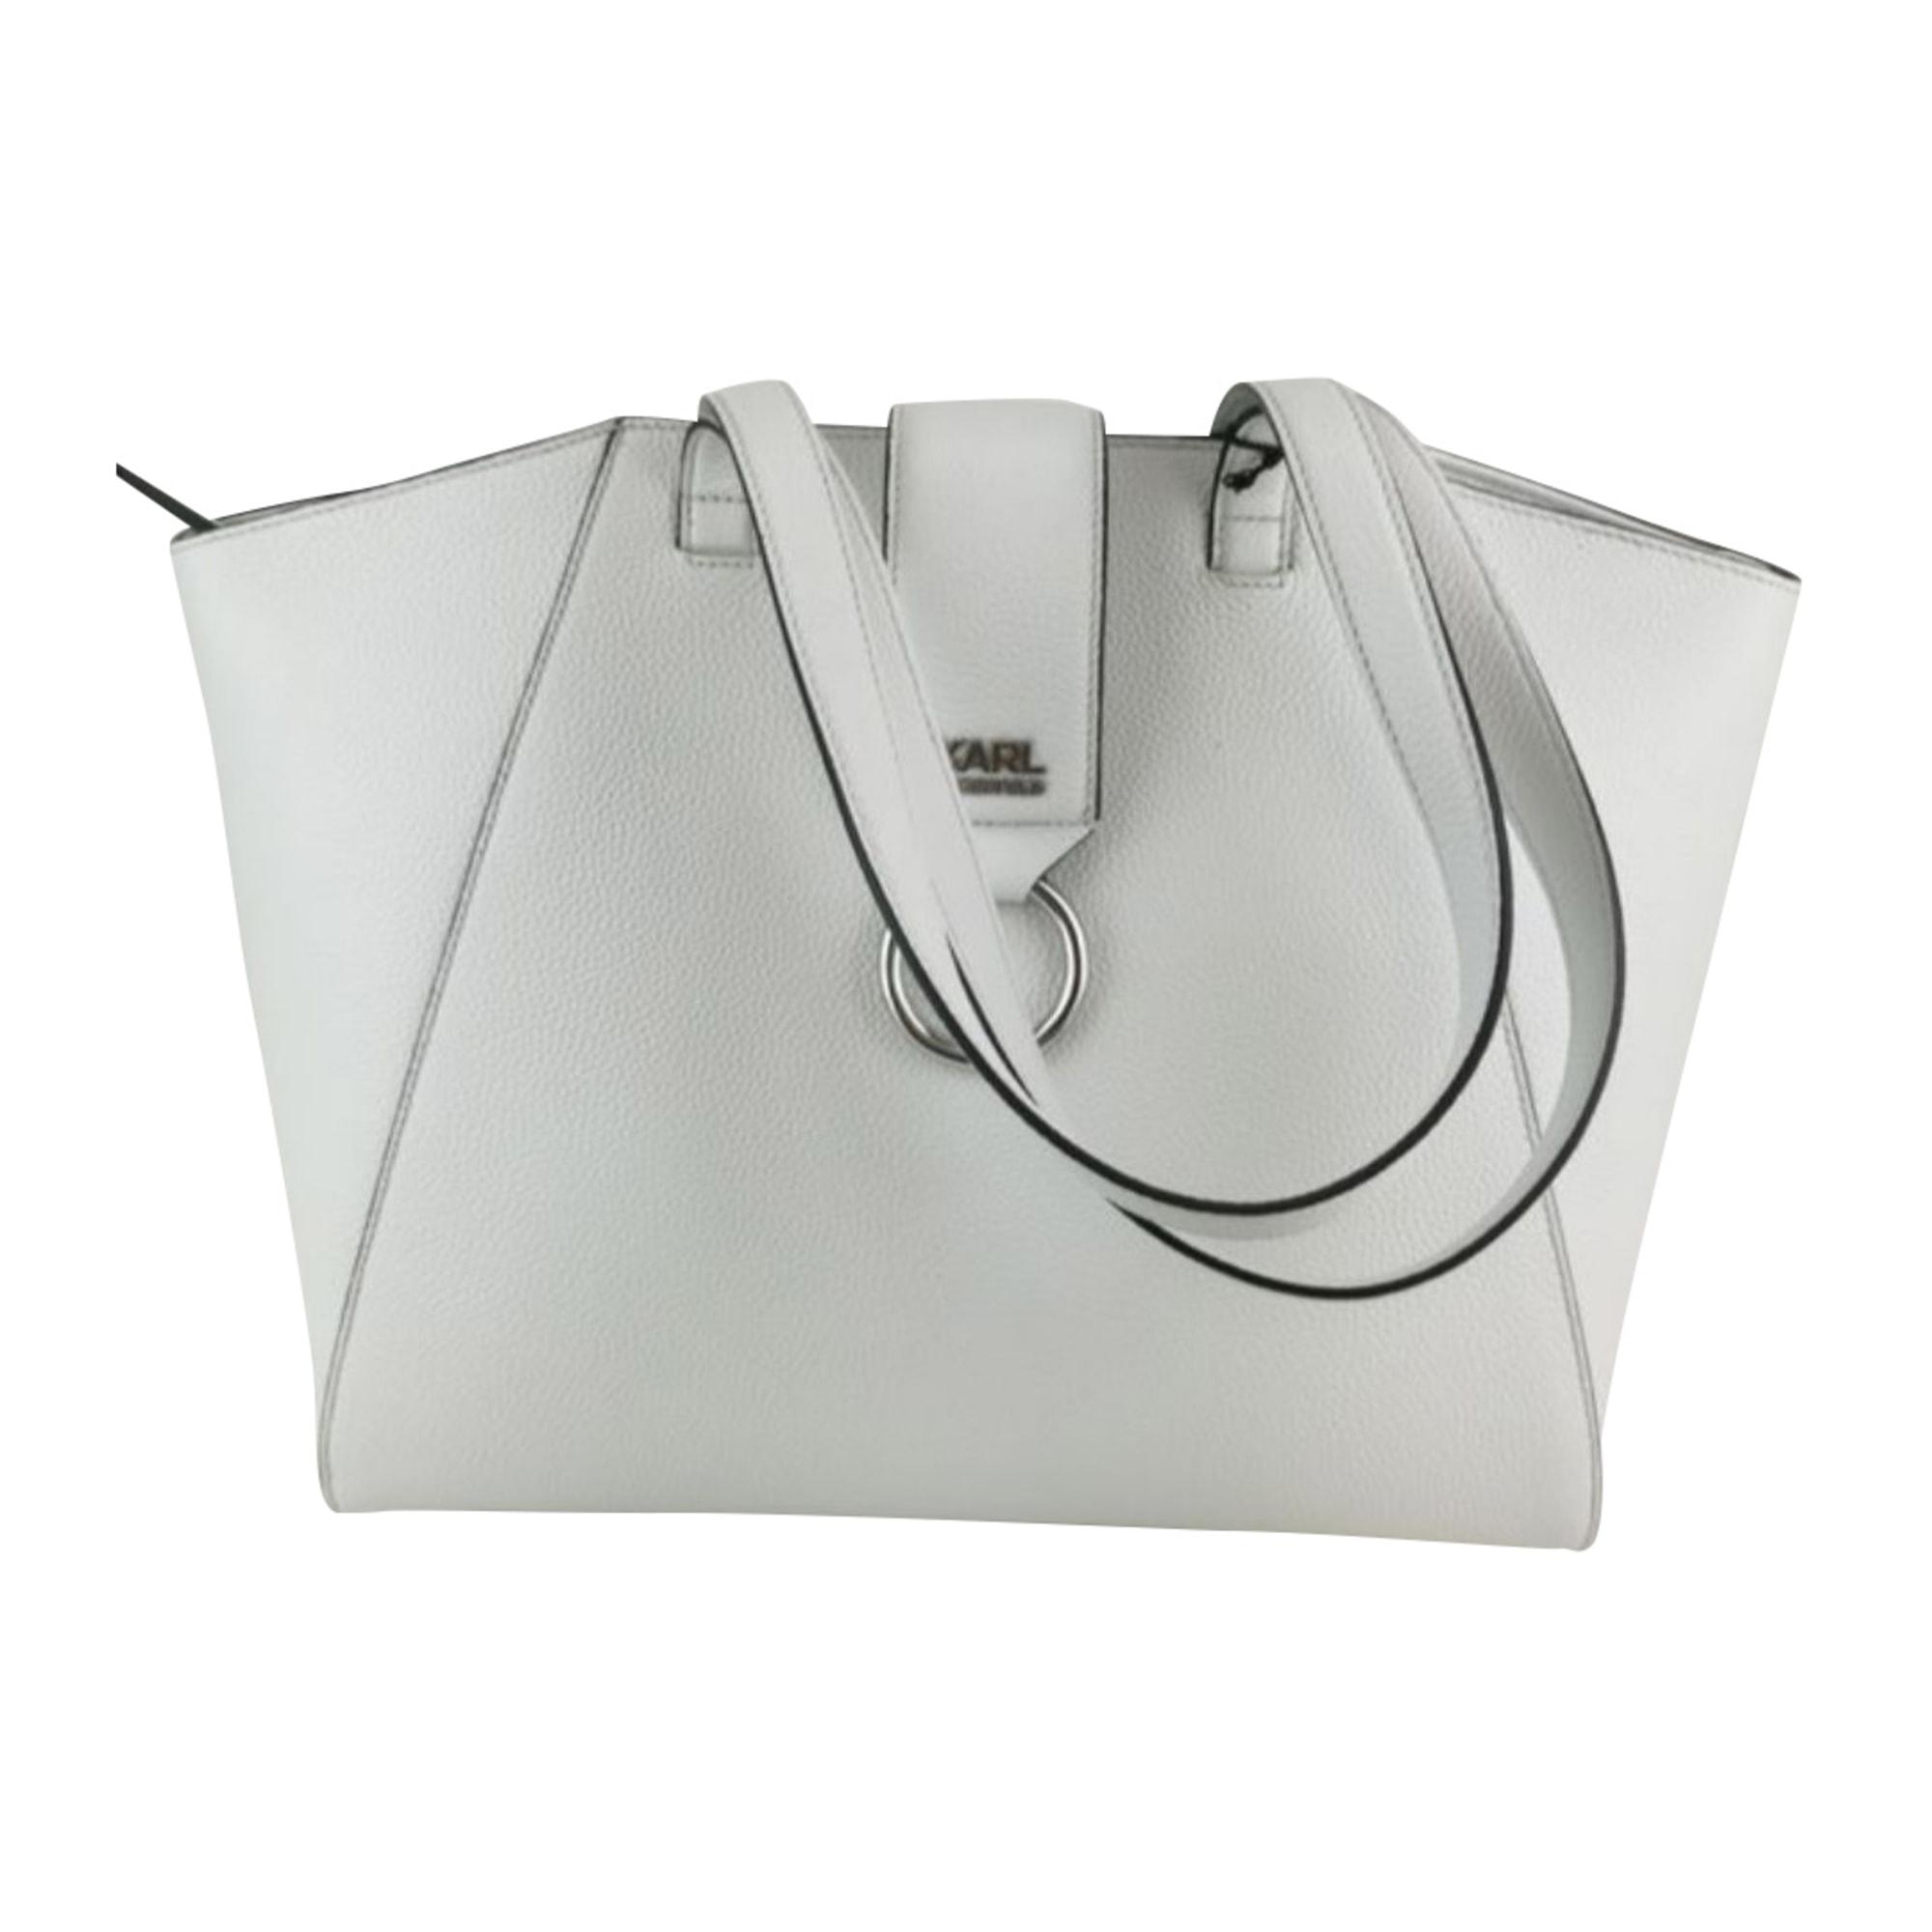 Lederhandtasche KARL LAGERFELD Weiß, elfenbeinfarben